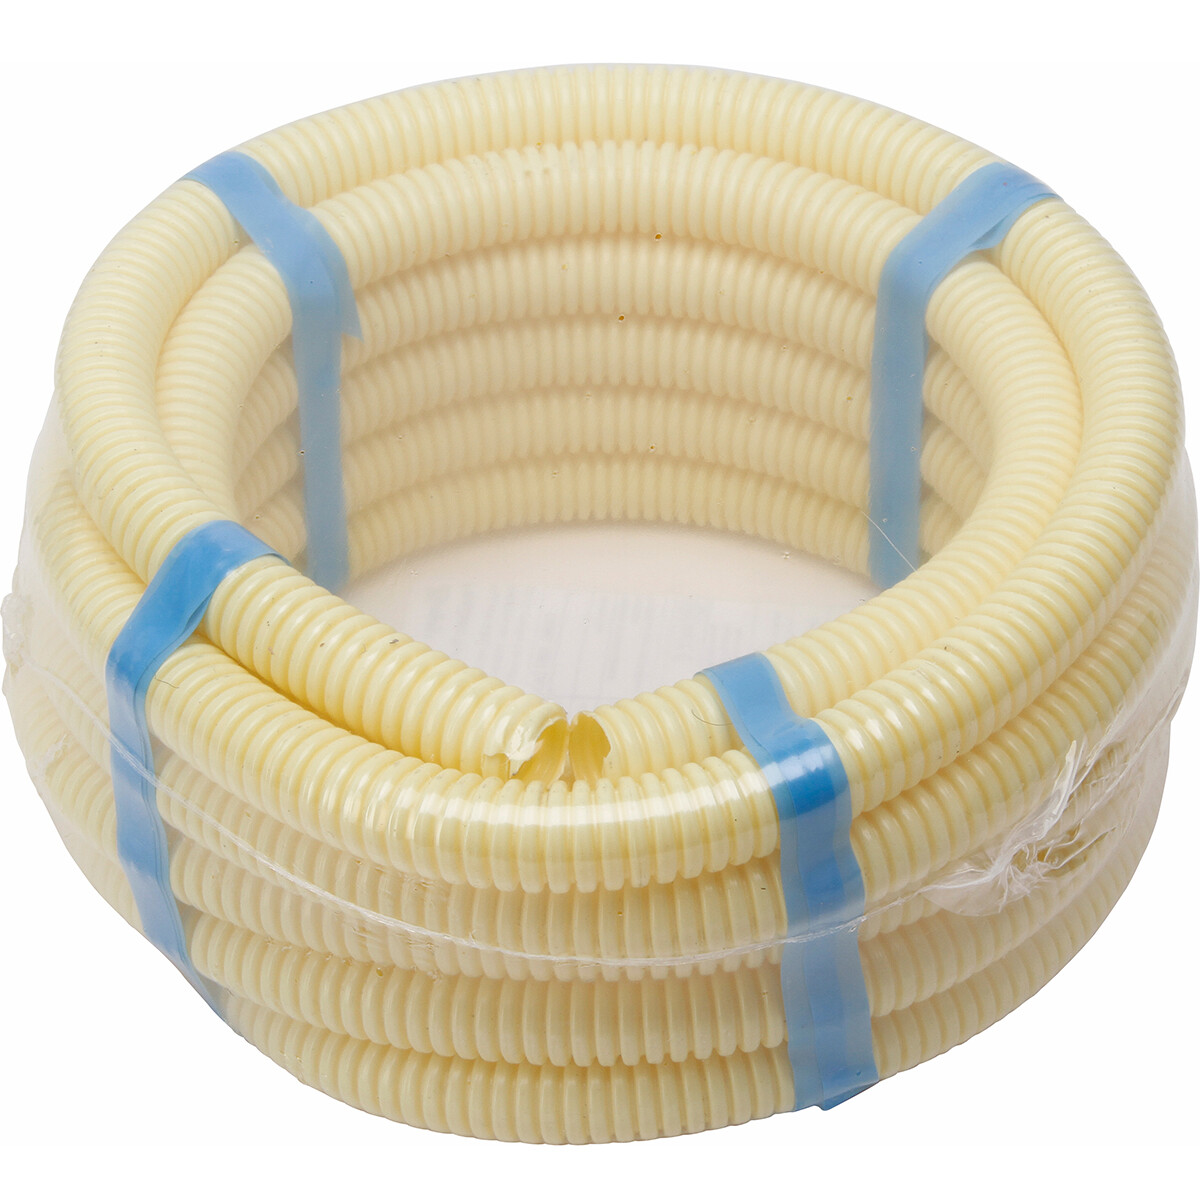 KOPP - Flexibele Buis - Installatiebuis - 19mm - 3/4inch - 5 Meter - Crème